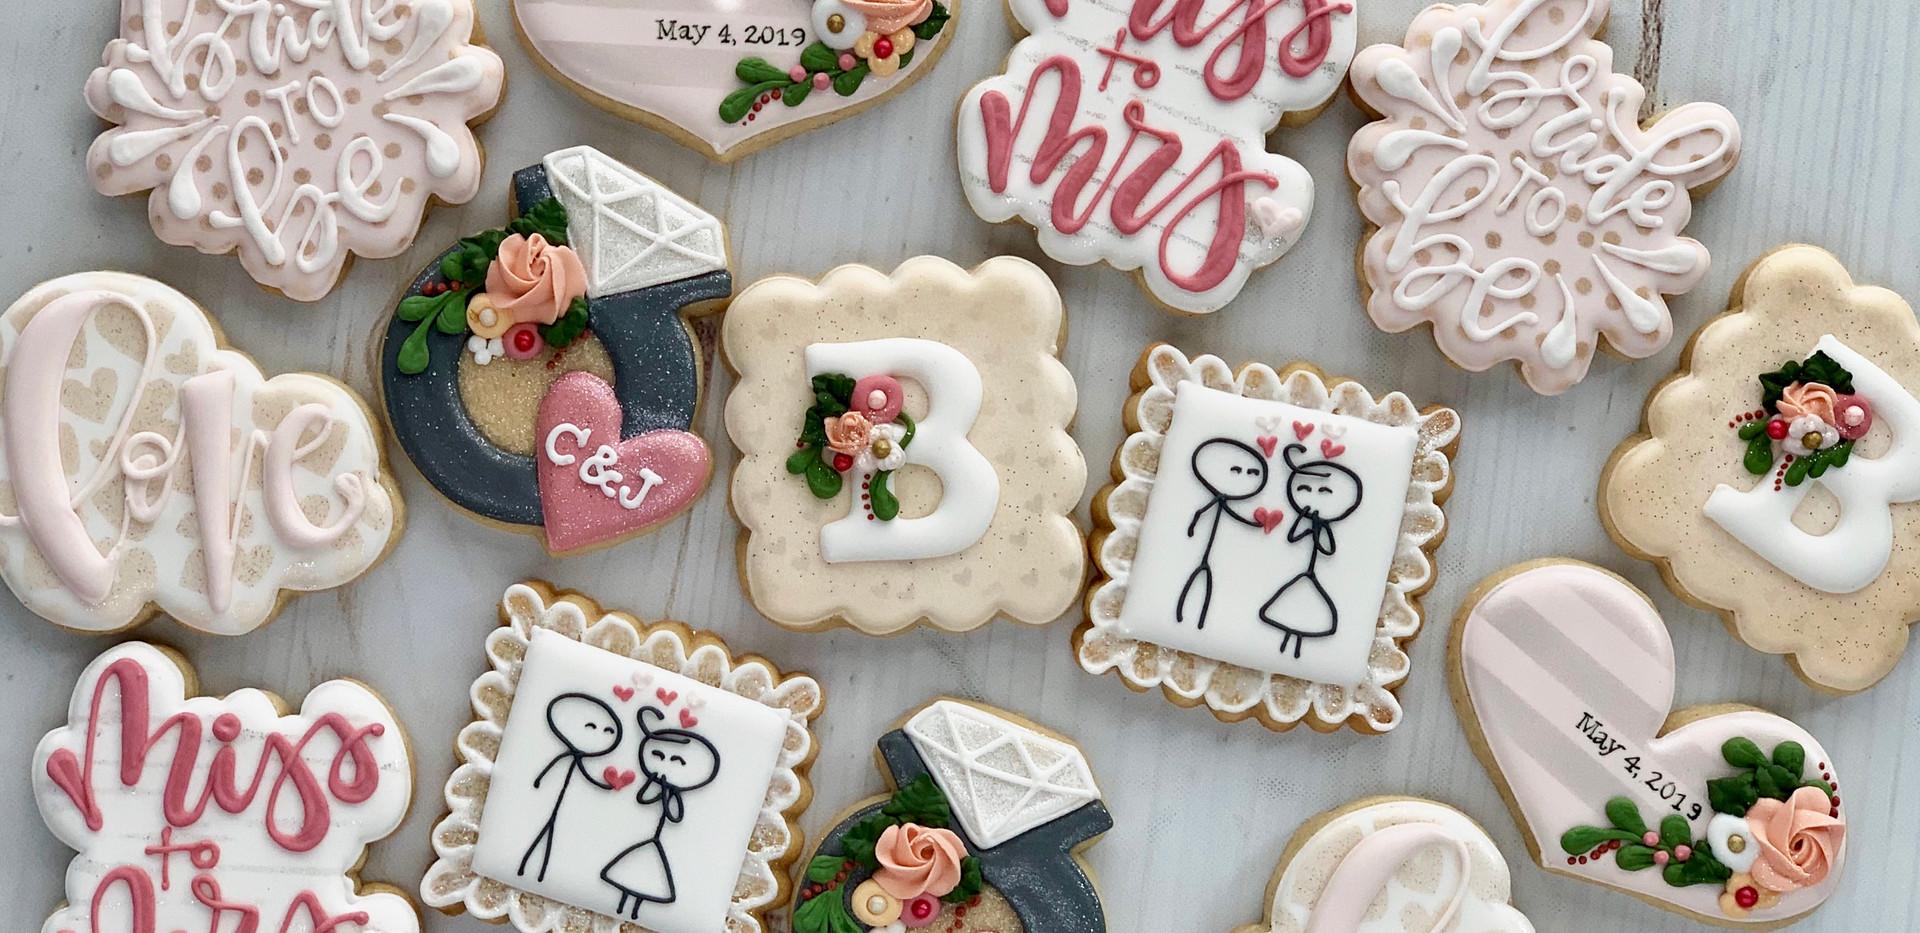 C&J Wedding Shower Cookies _ Simply Rene